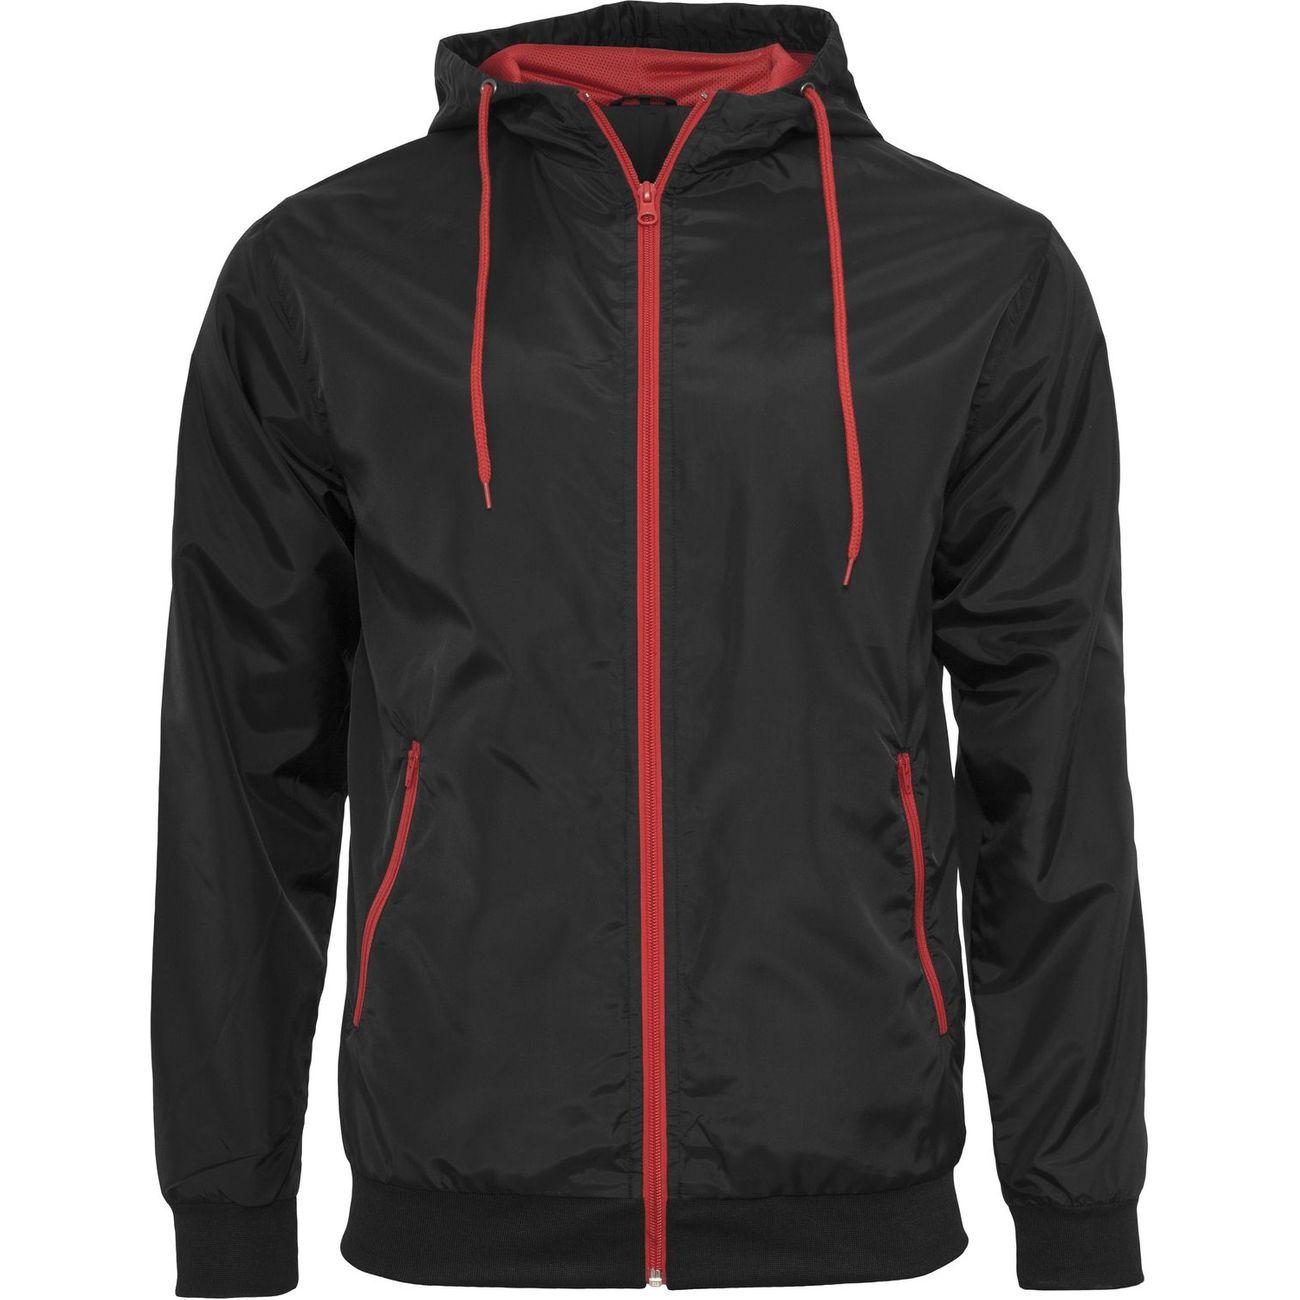 Petite randonnée homme PATOUTATIS Coupe-vent style bomber - homme - BY016 - noir et rouge